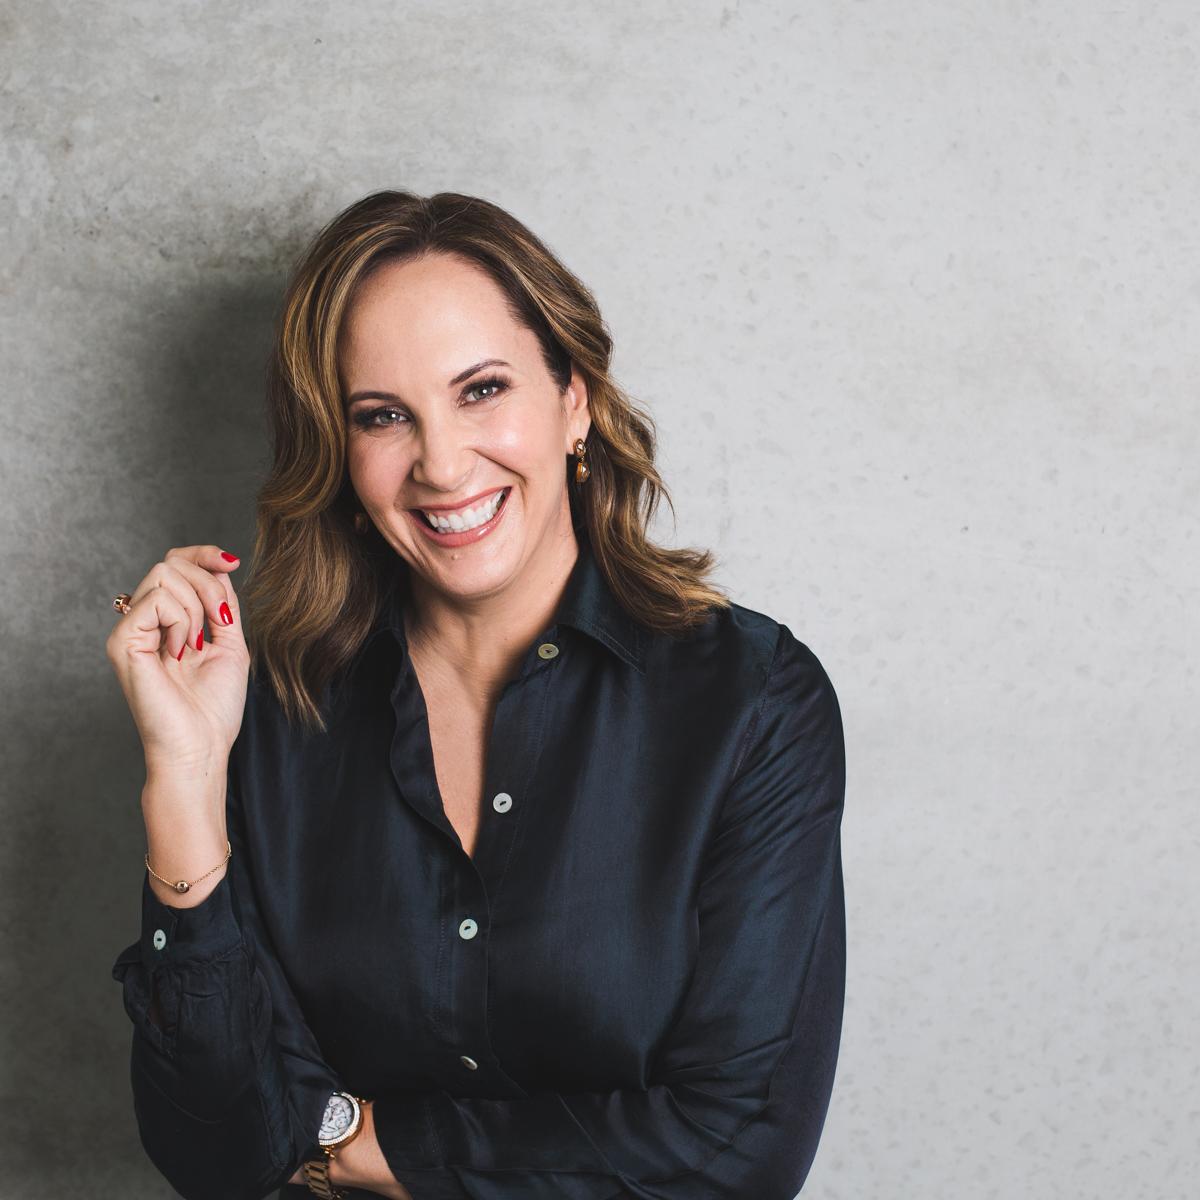 Angela Koning